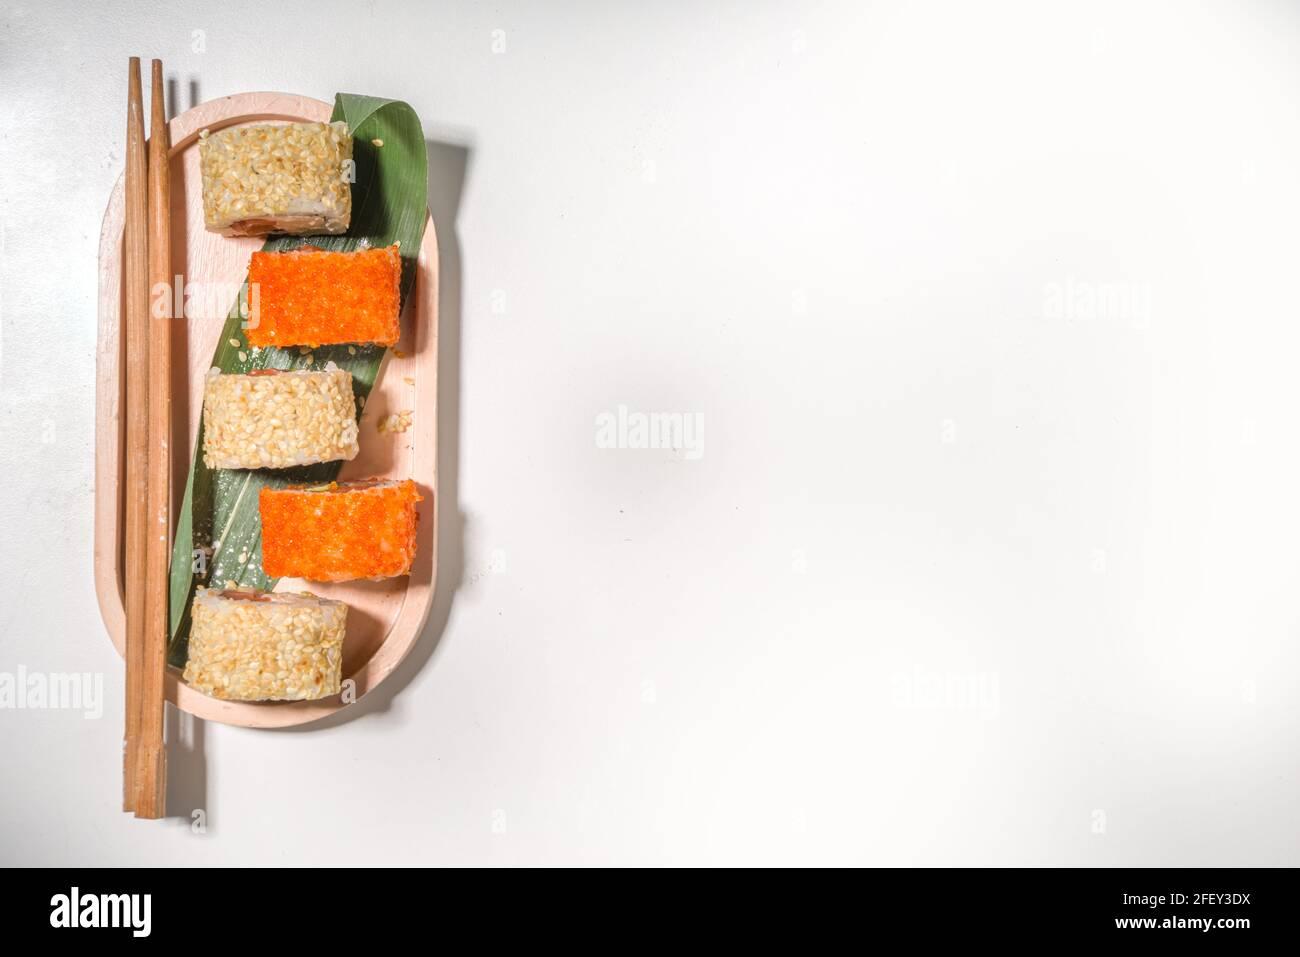 Rollos de sushi con arroz y pescado, salsa de soja sobre fondo blanco Foto de stock